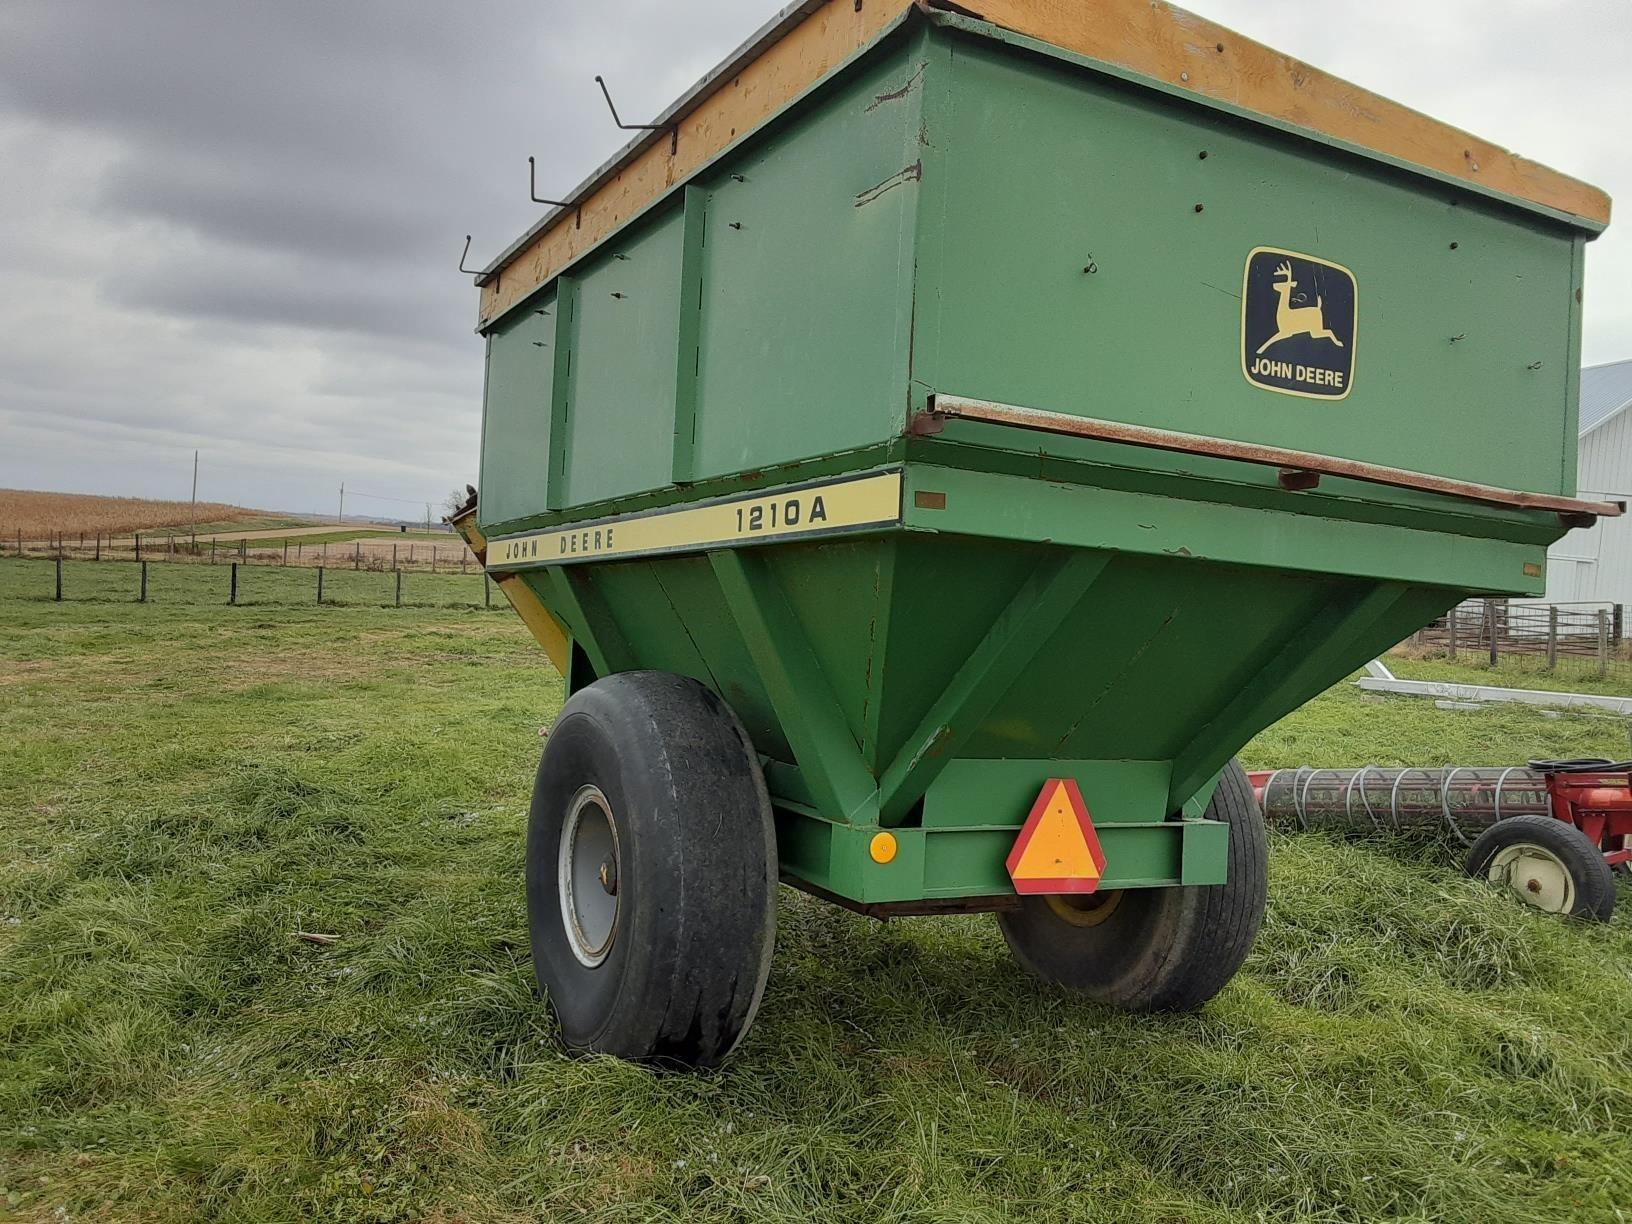 1984 John Deere 1210A Grain Cart